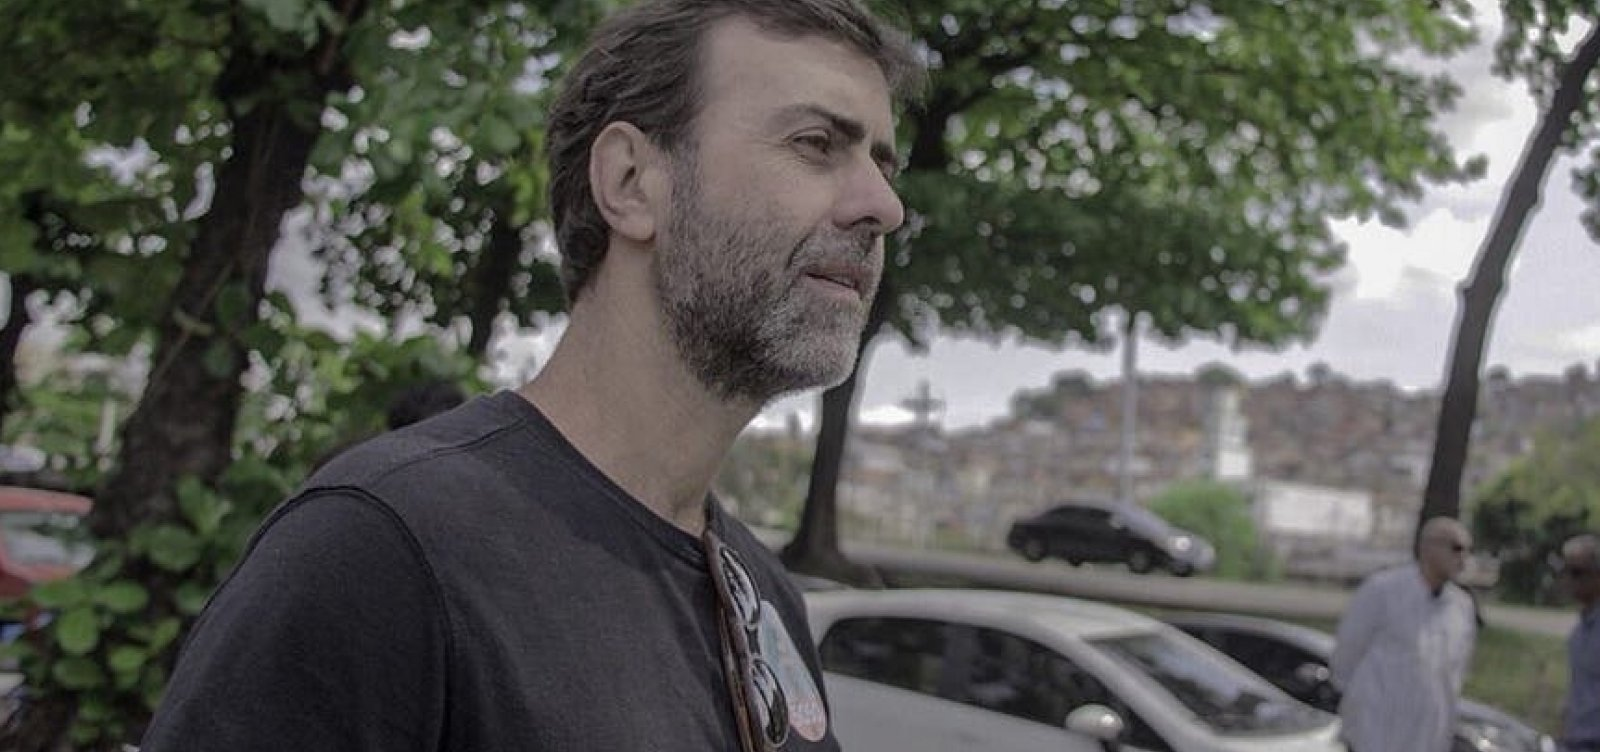 [Declarações de governador eleito do RJ mostram 'psicopatia', diz Freixo]